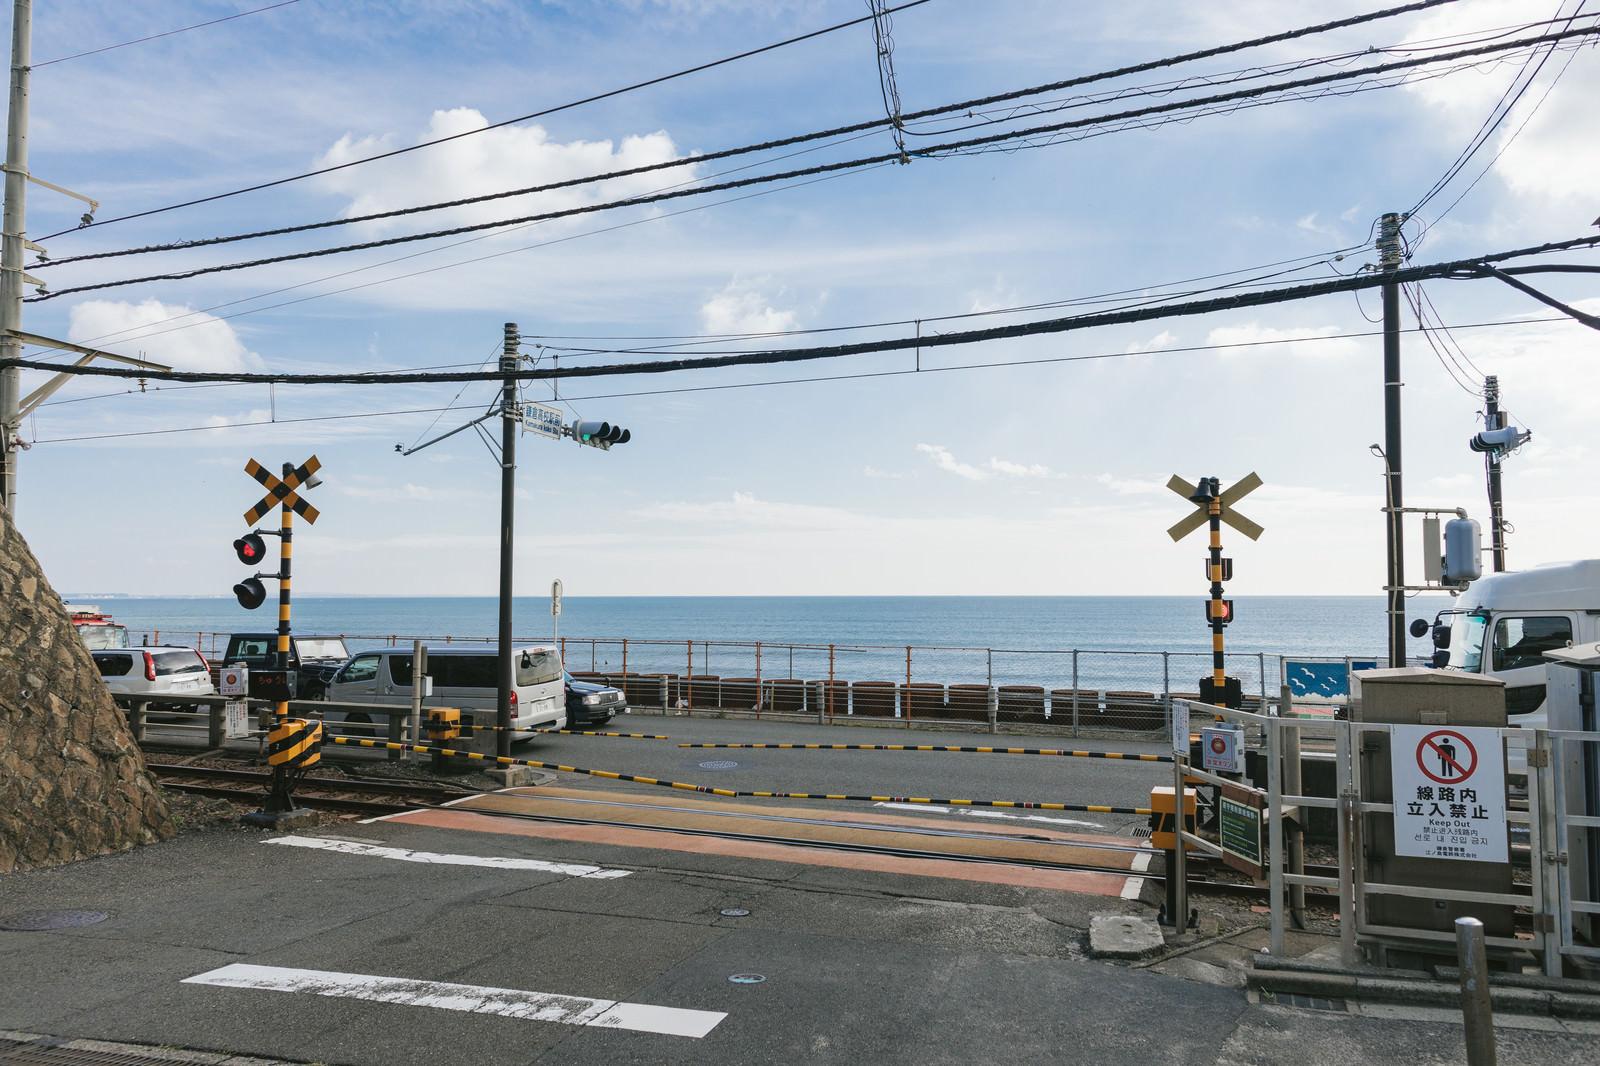 「君が好きだと叫びたくなる鎌倉高校前駅の踏切」の写真